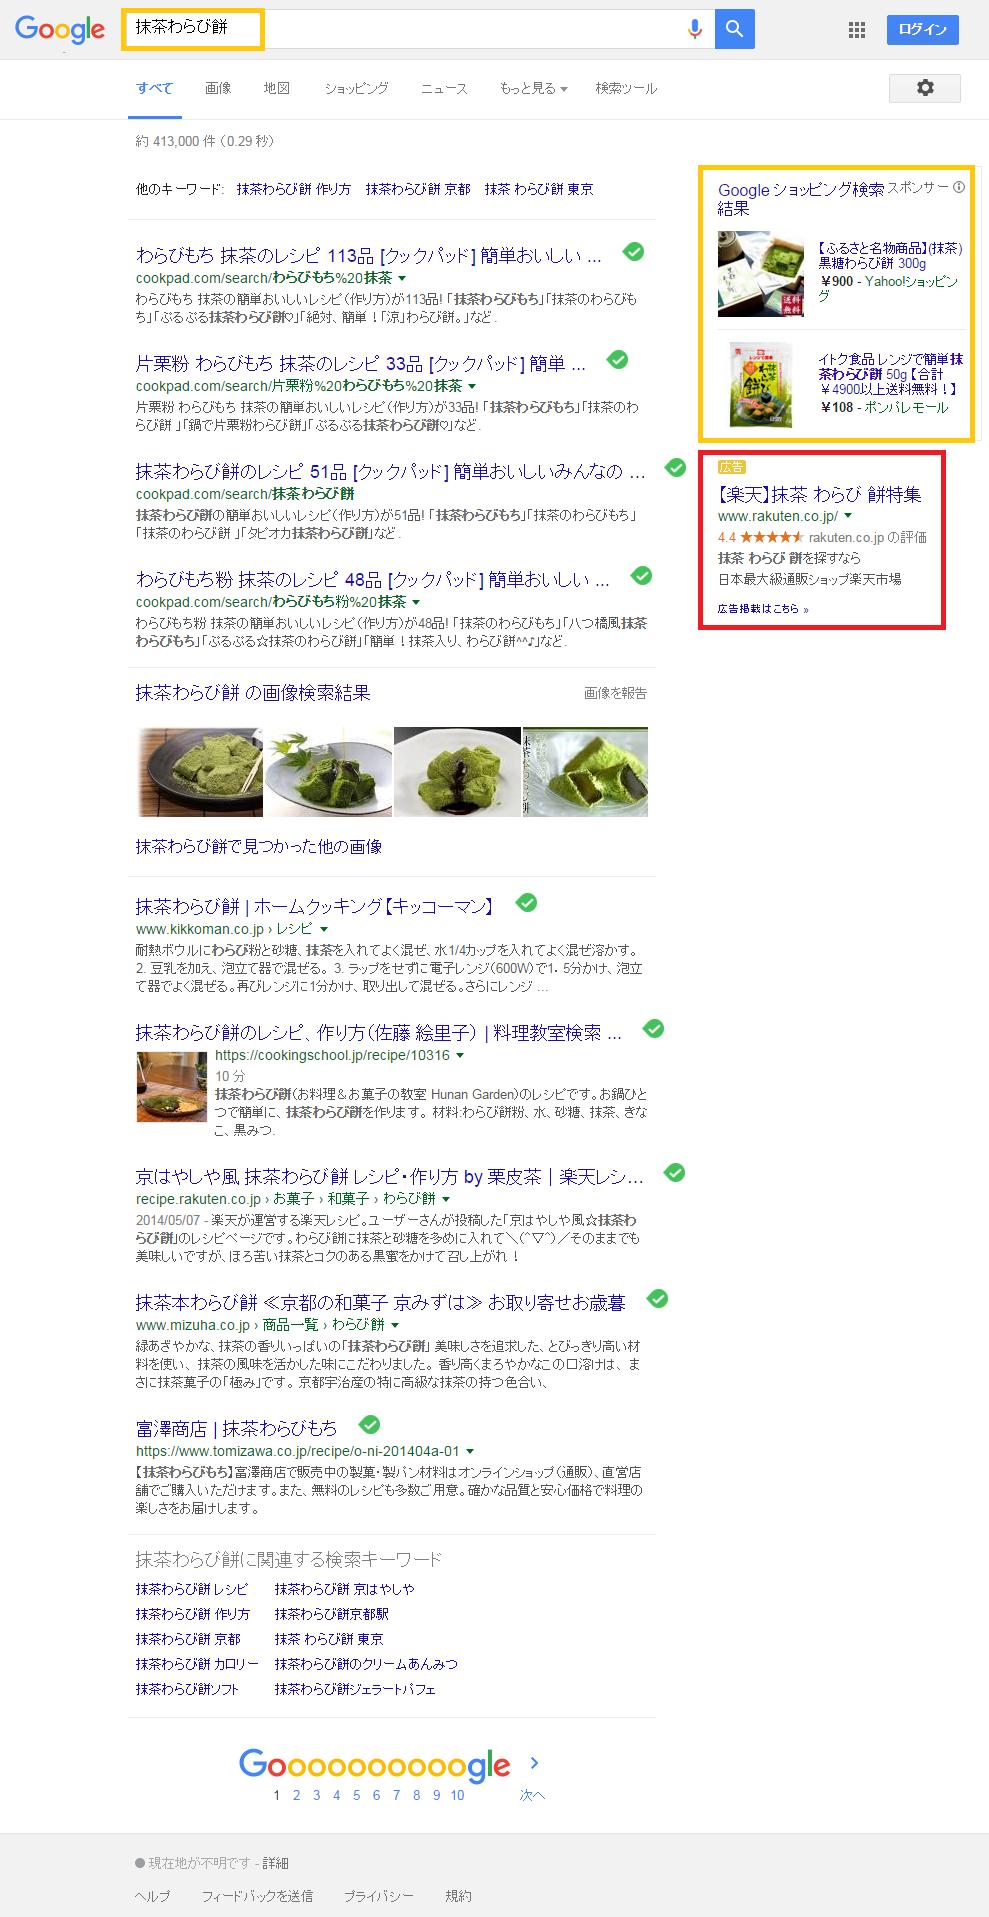 抹茶わらび餅   Google 検索1231.png